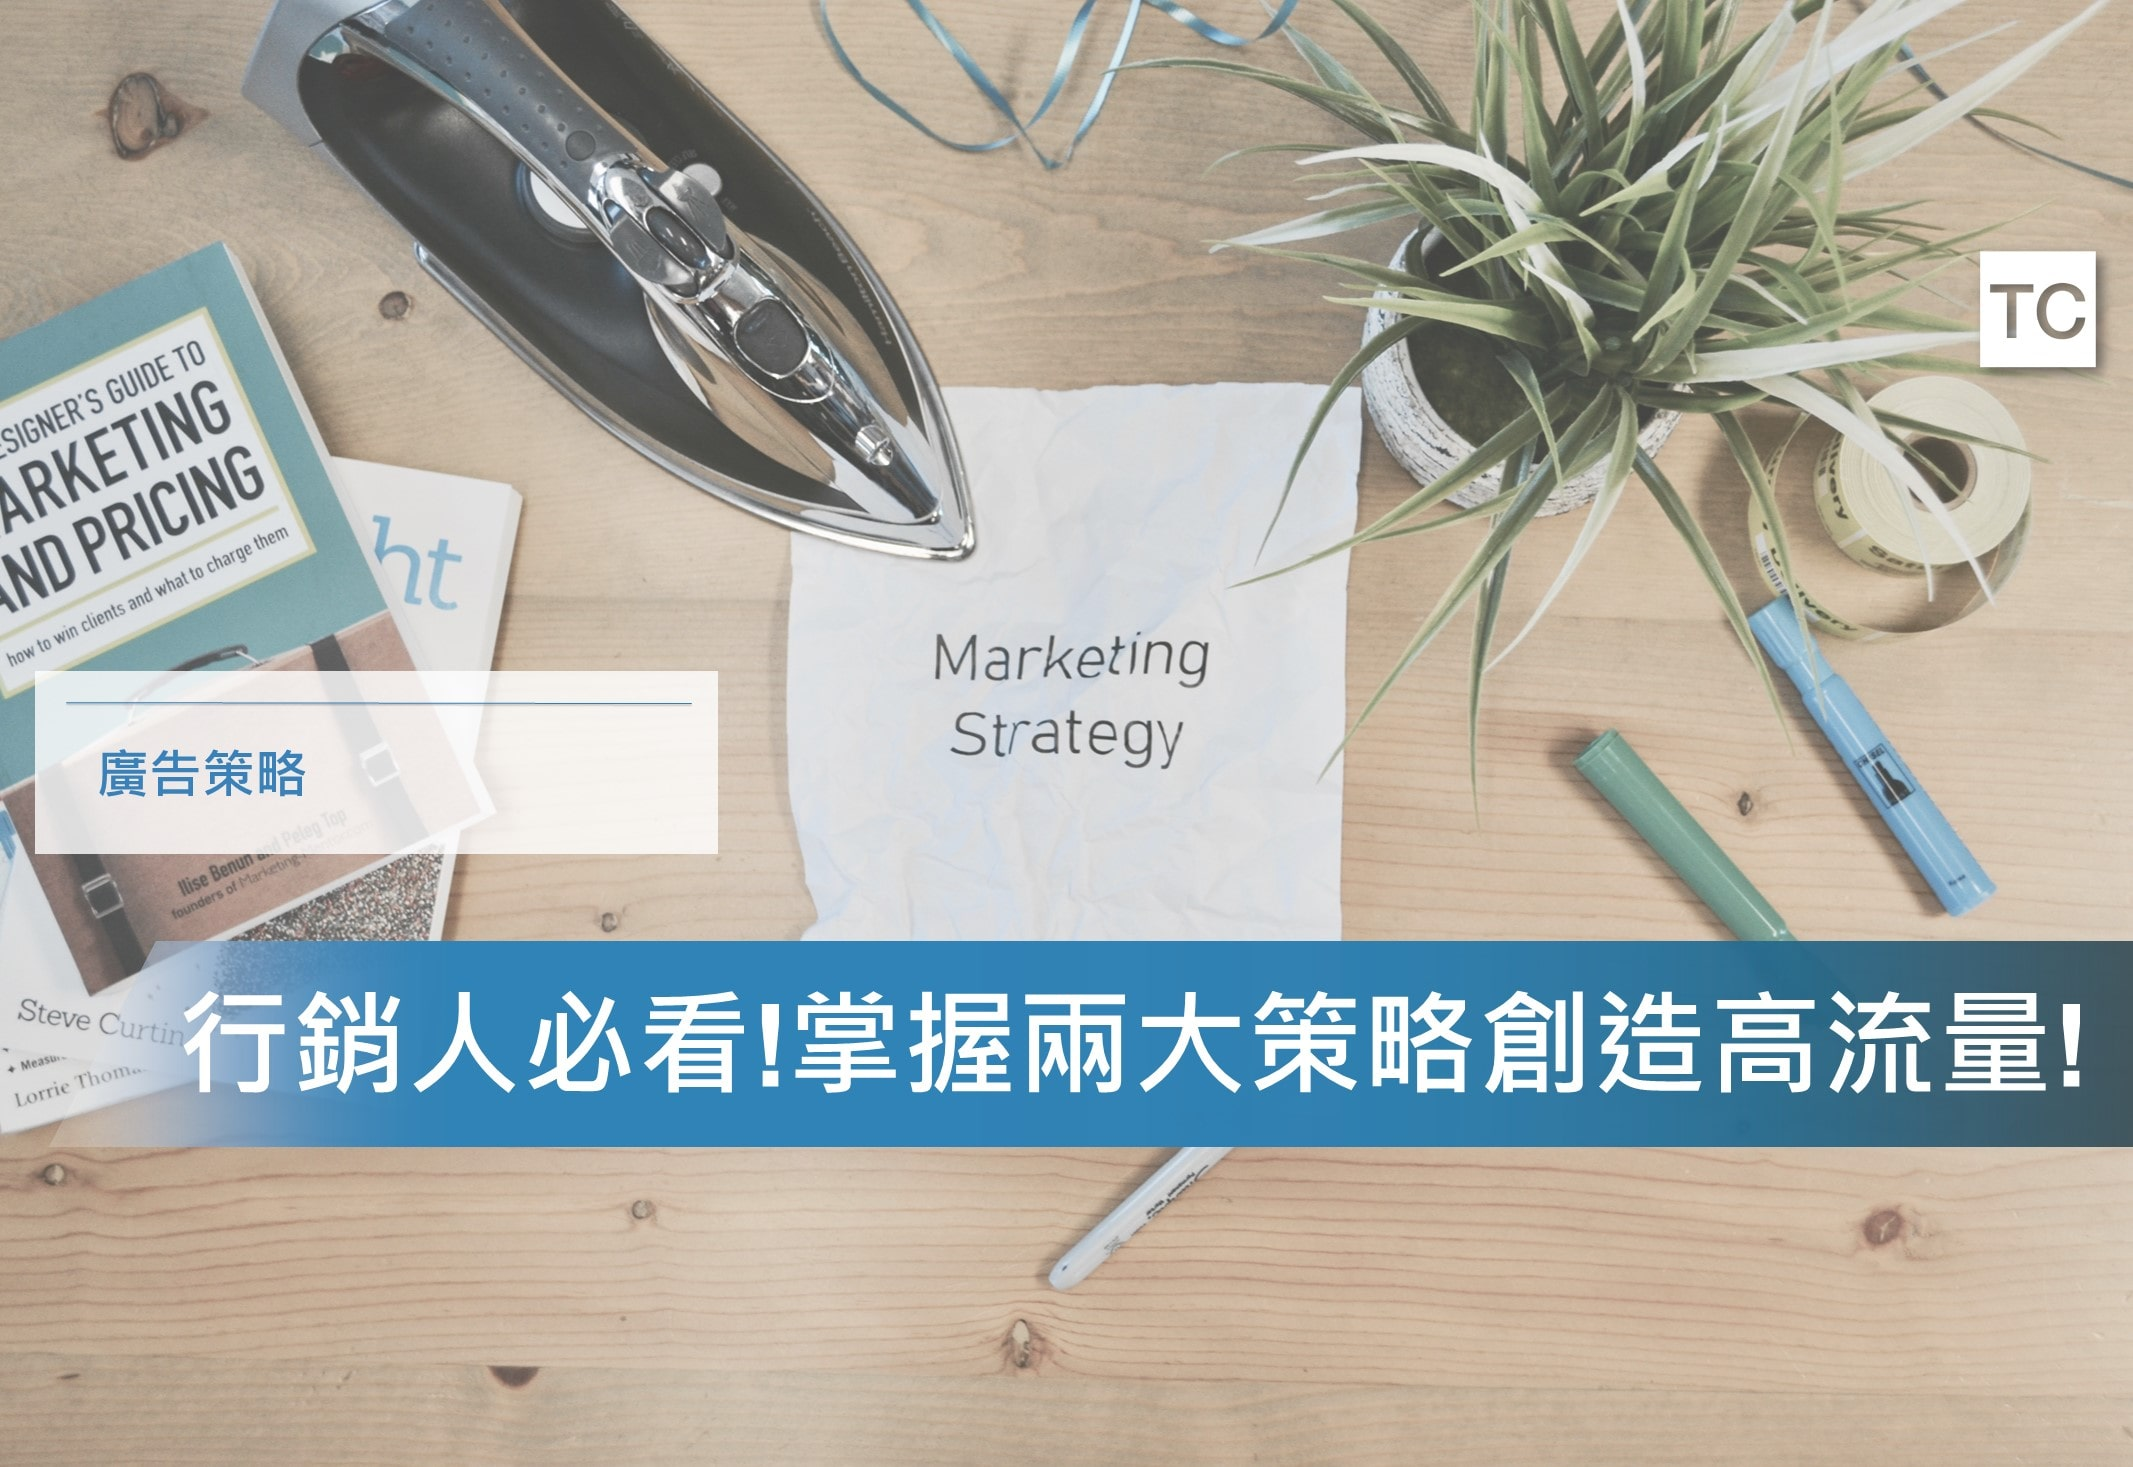 【廣告策略】行銷人必懂兩大廣告投放策略!帶動網站流量滾滾來